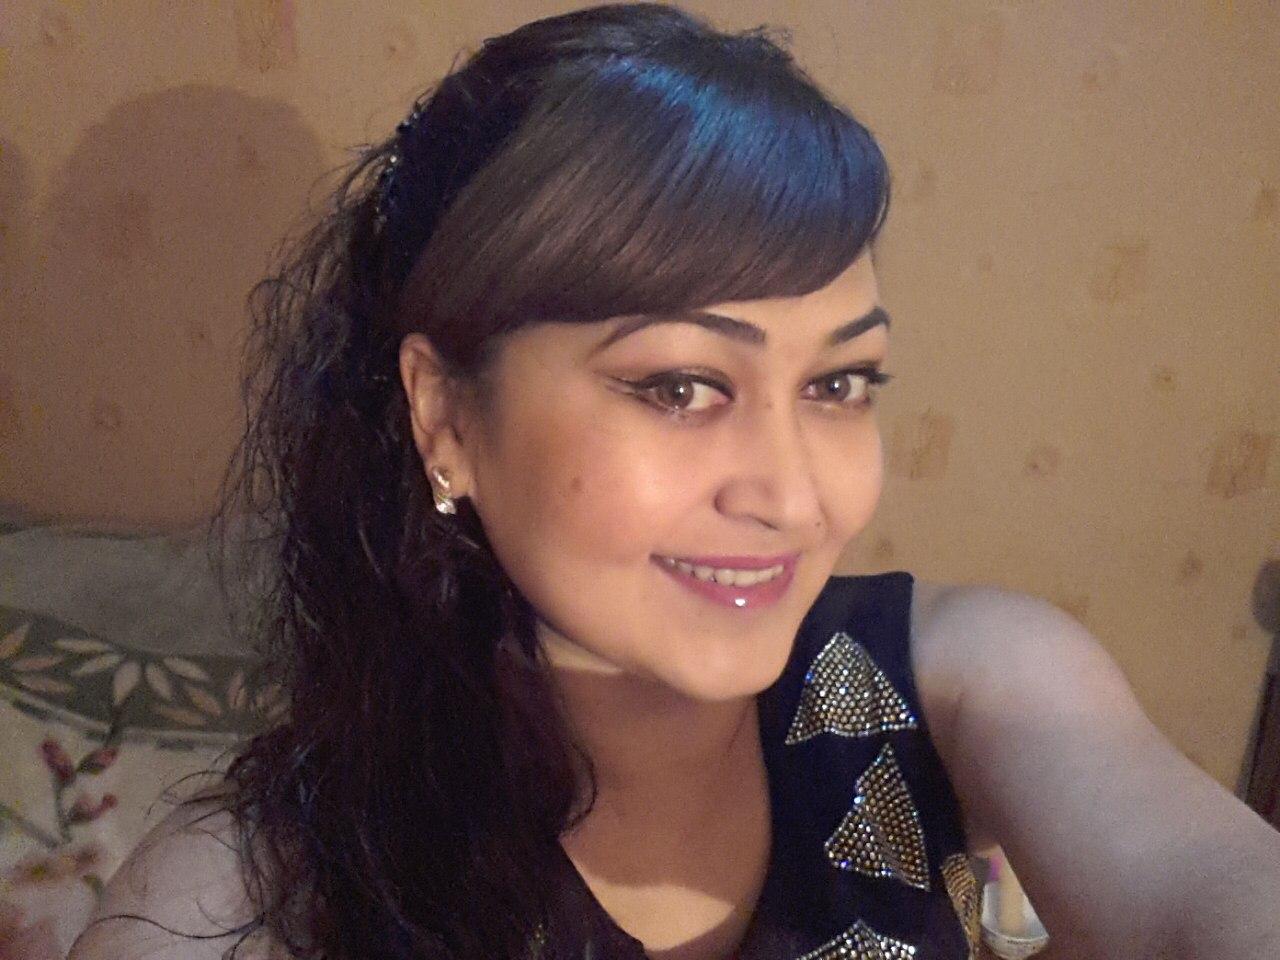 Секс узбечек ташкент, Узбекский секс видео молодой красавицы из Ташкента 17 фотография